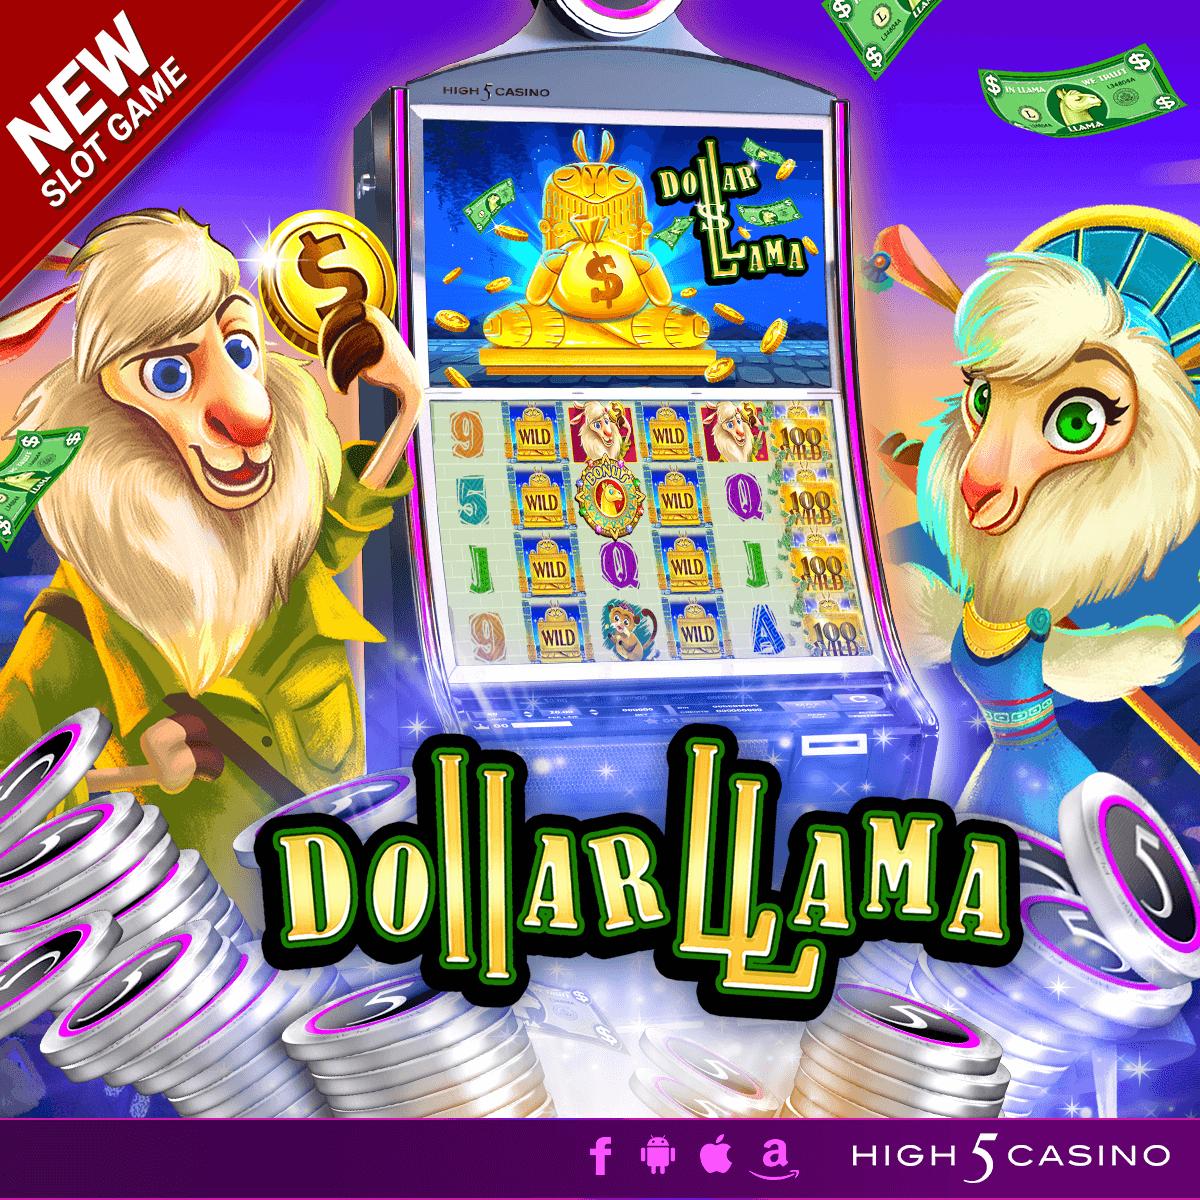 Dollar Llama Review